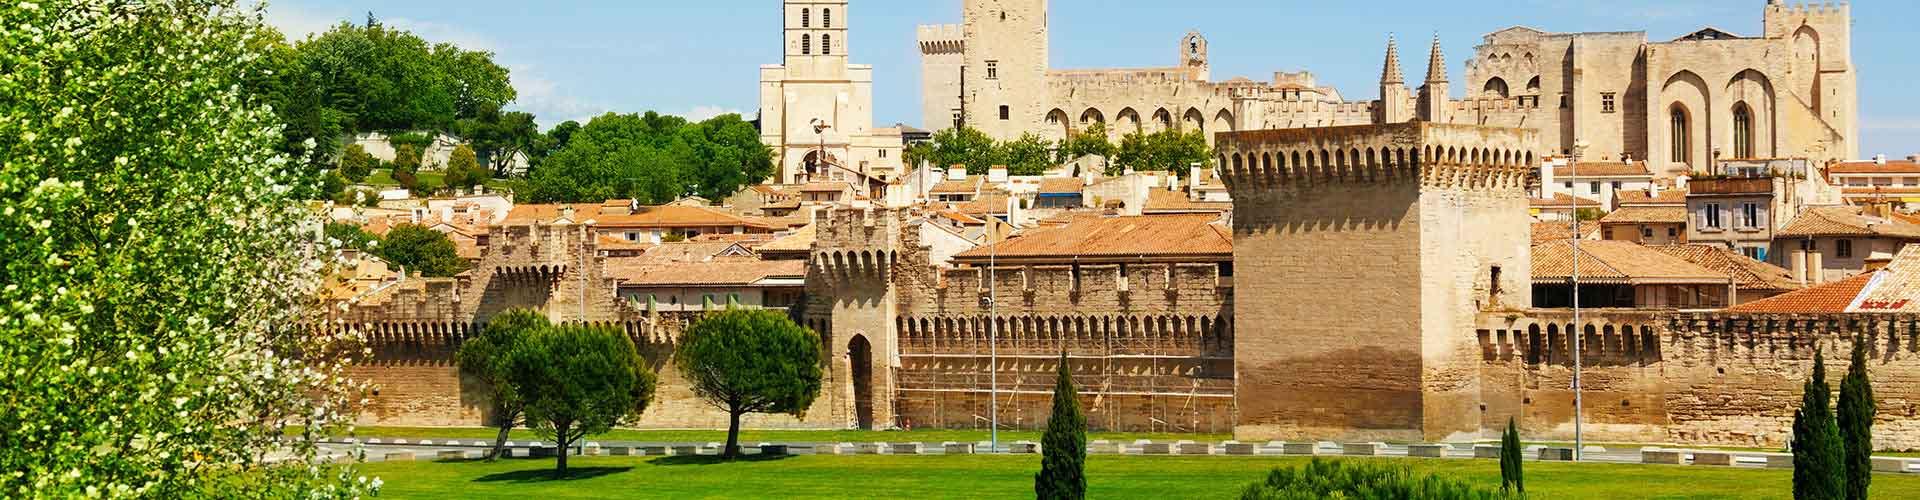 Avignon - Habitaciones en Avignon. Mapas de Avignon, Fotos y comentarios de cada Habitación en Avignon.